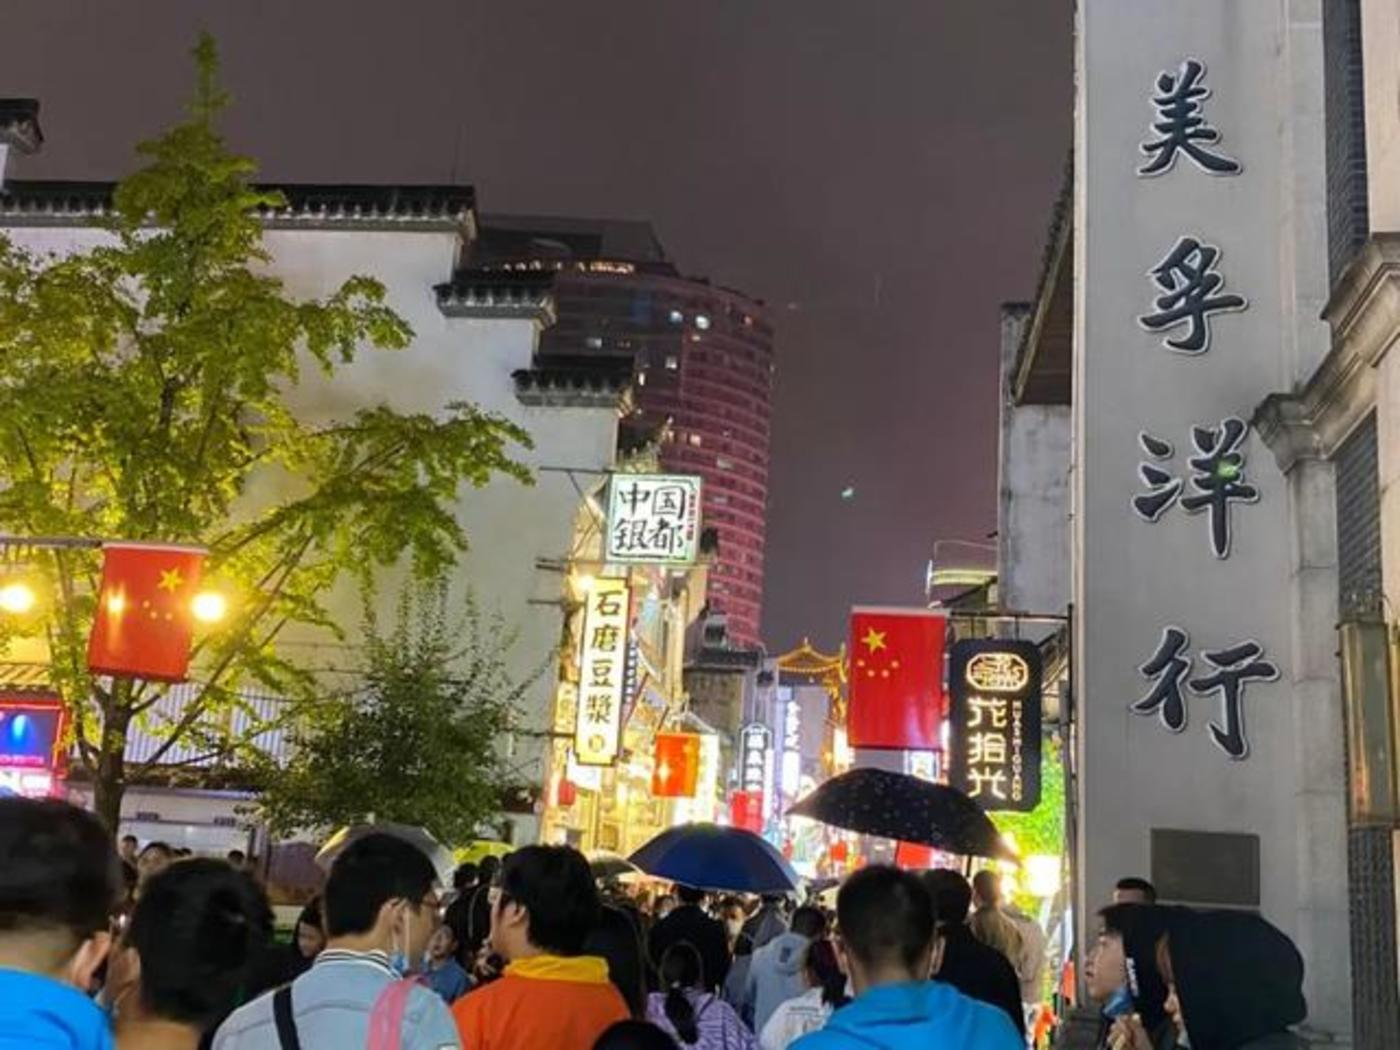 太平街夜景。摄影:Alex